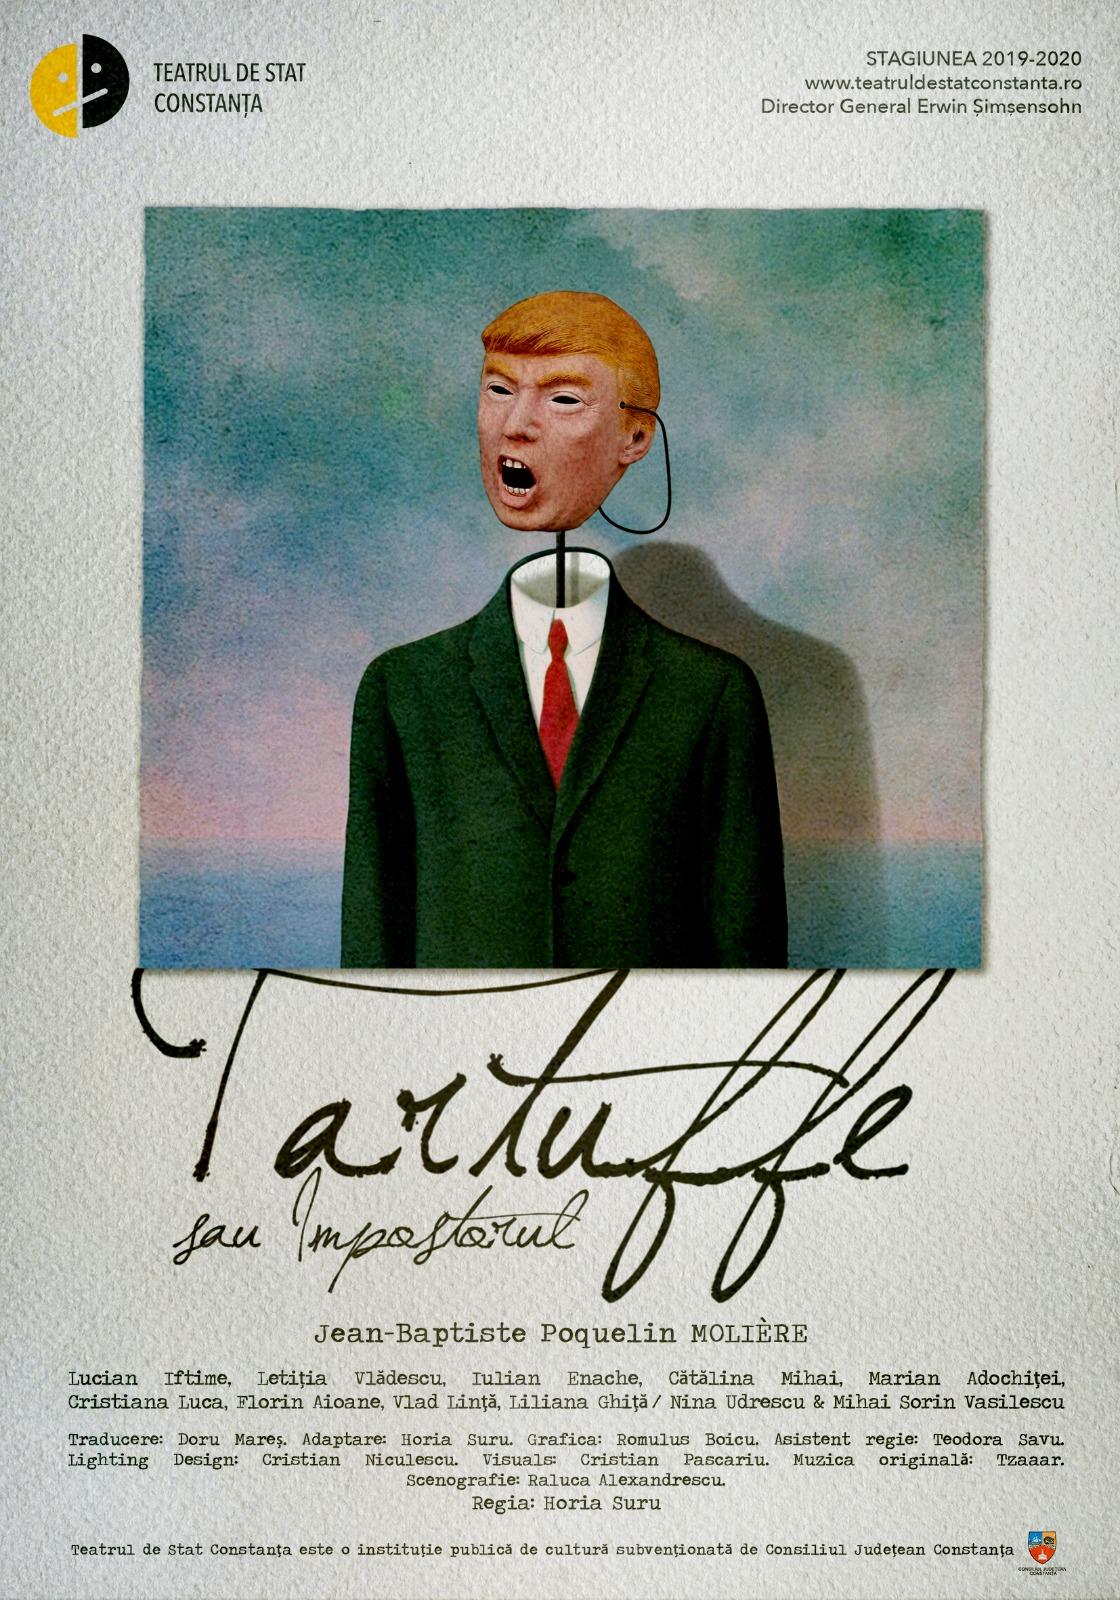 Premieră la Teatrul de Stat Constanța ♦ Tarfuffe sau Impostorul ♦ regia Horia Suru